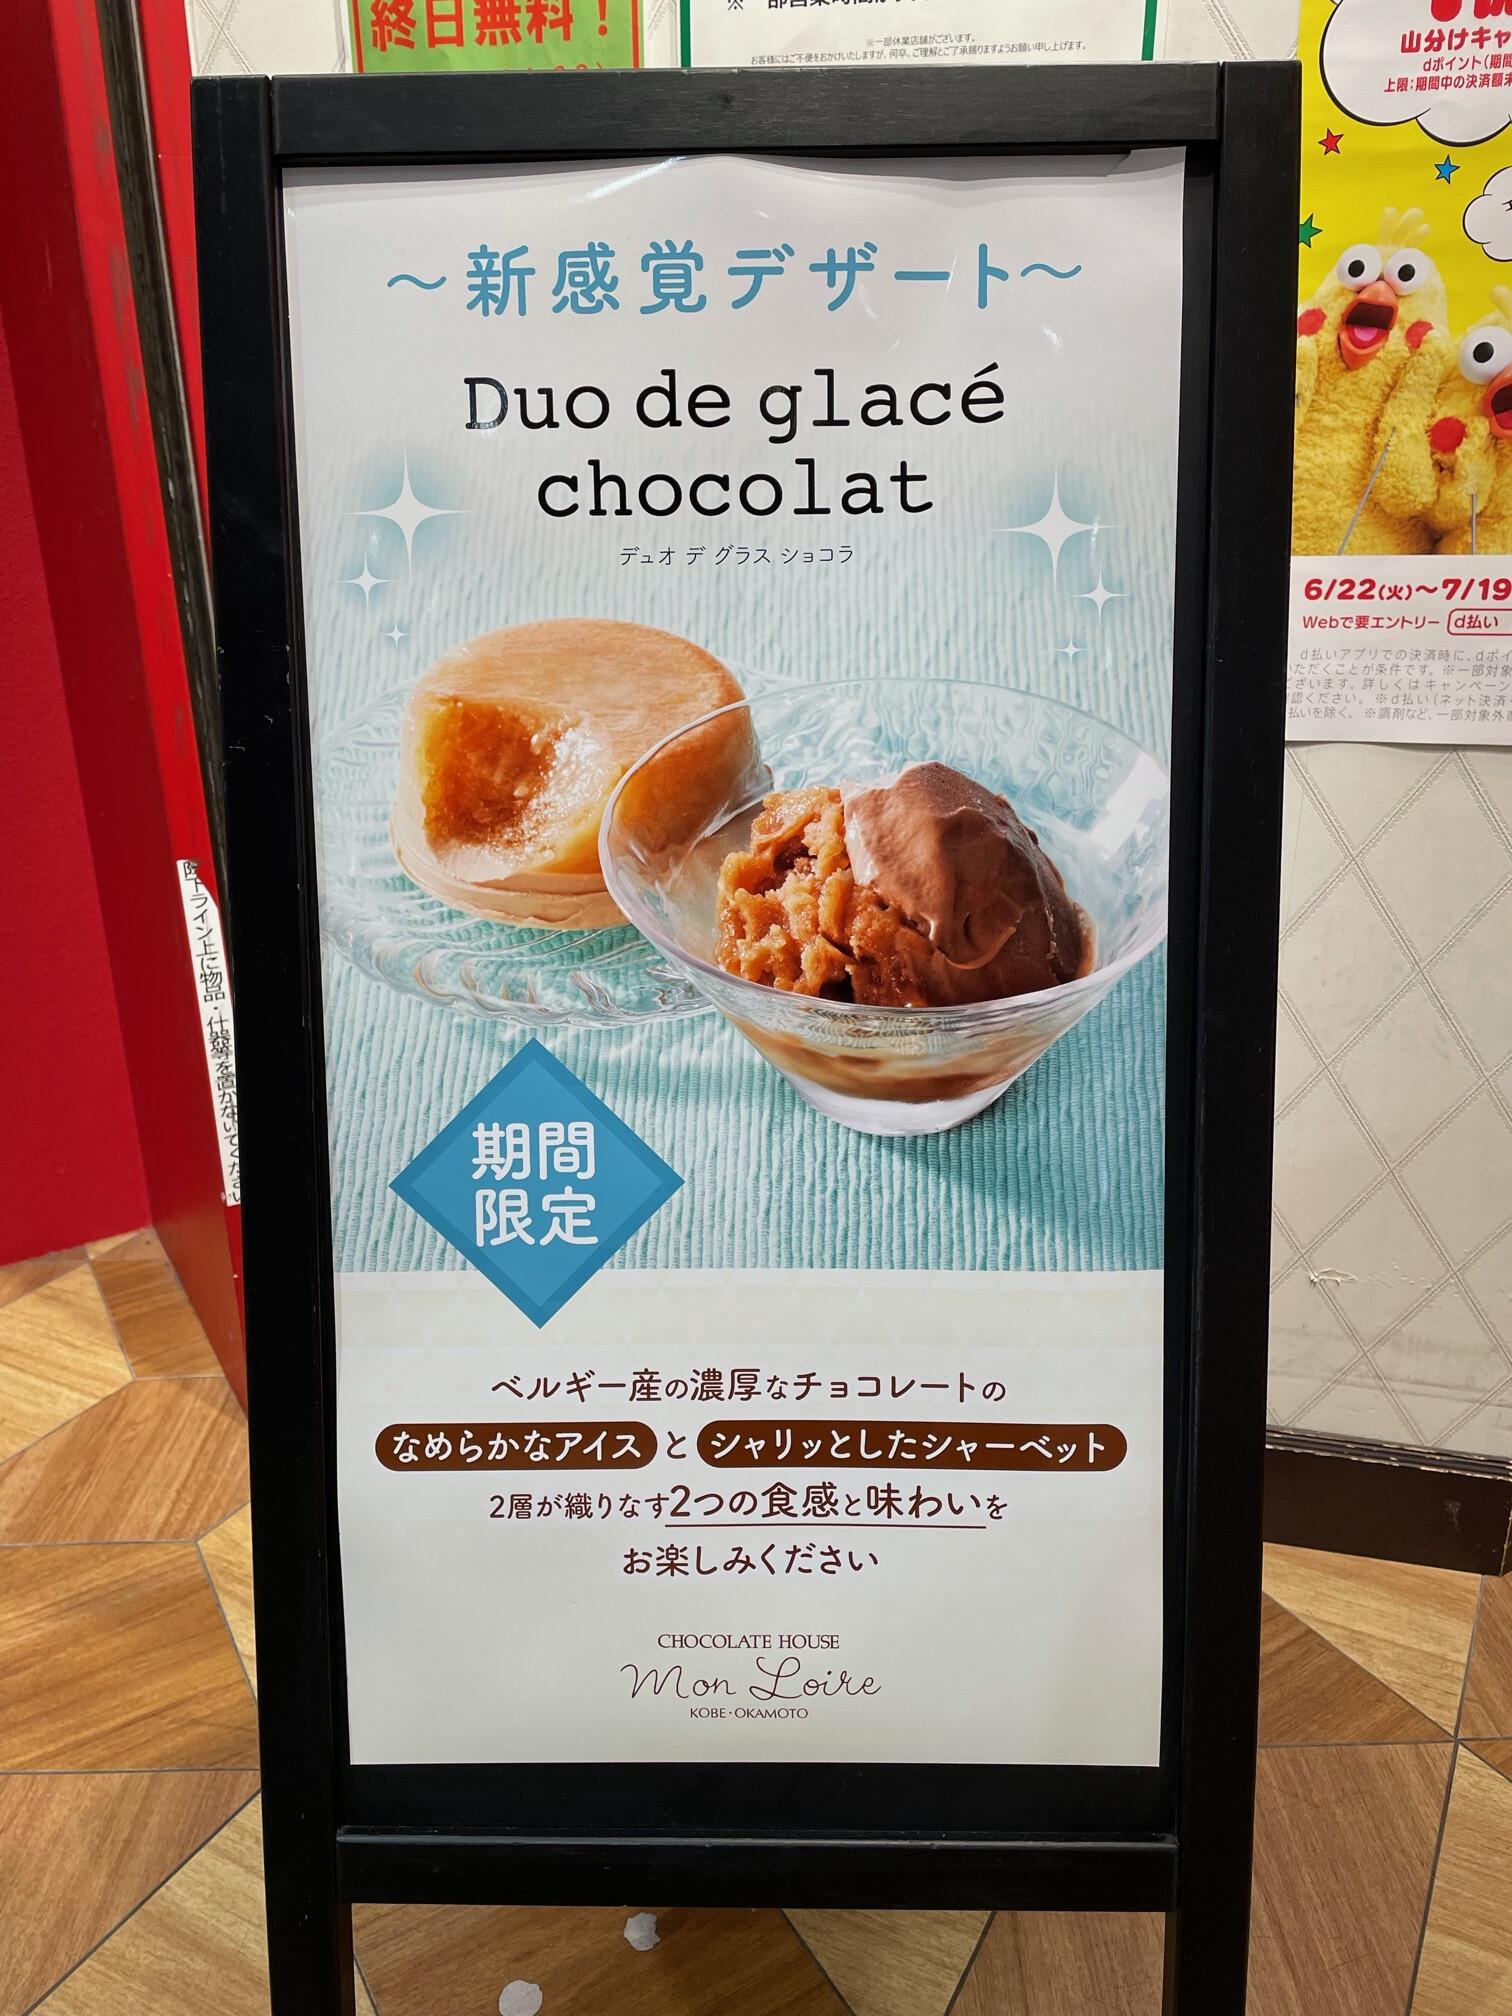 凍らせて食べるチョコレートデザートのご案内